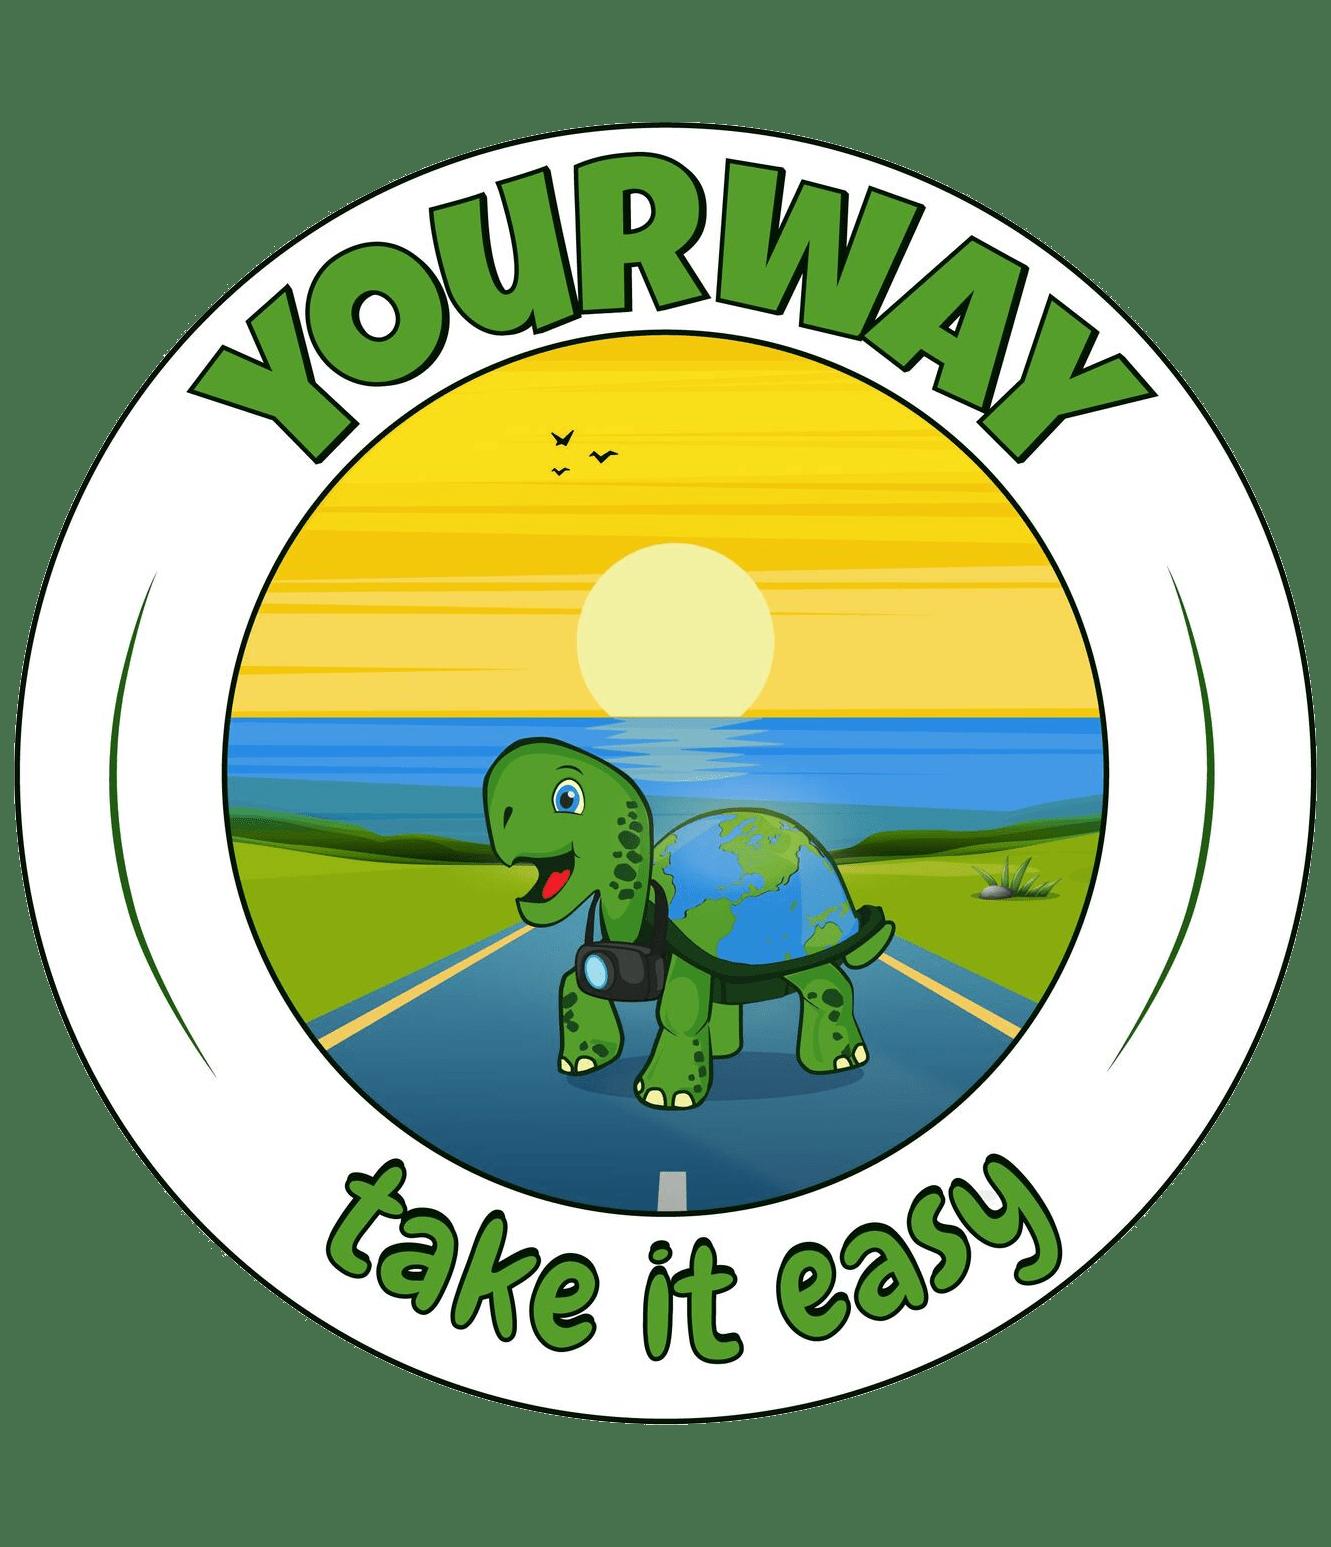 YourWay